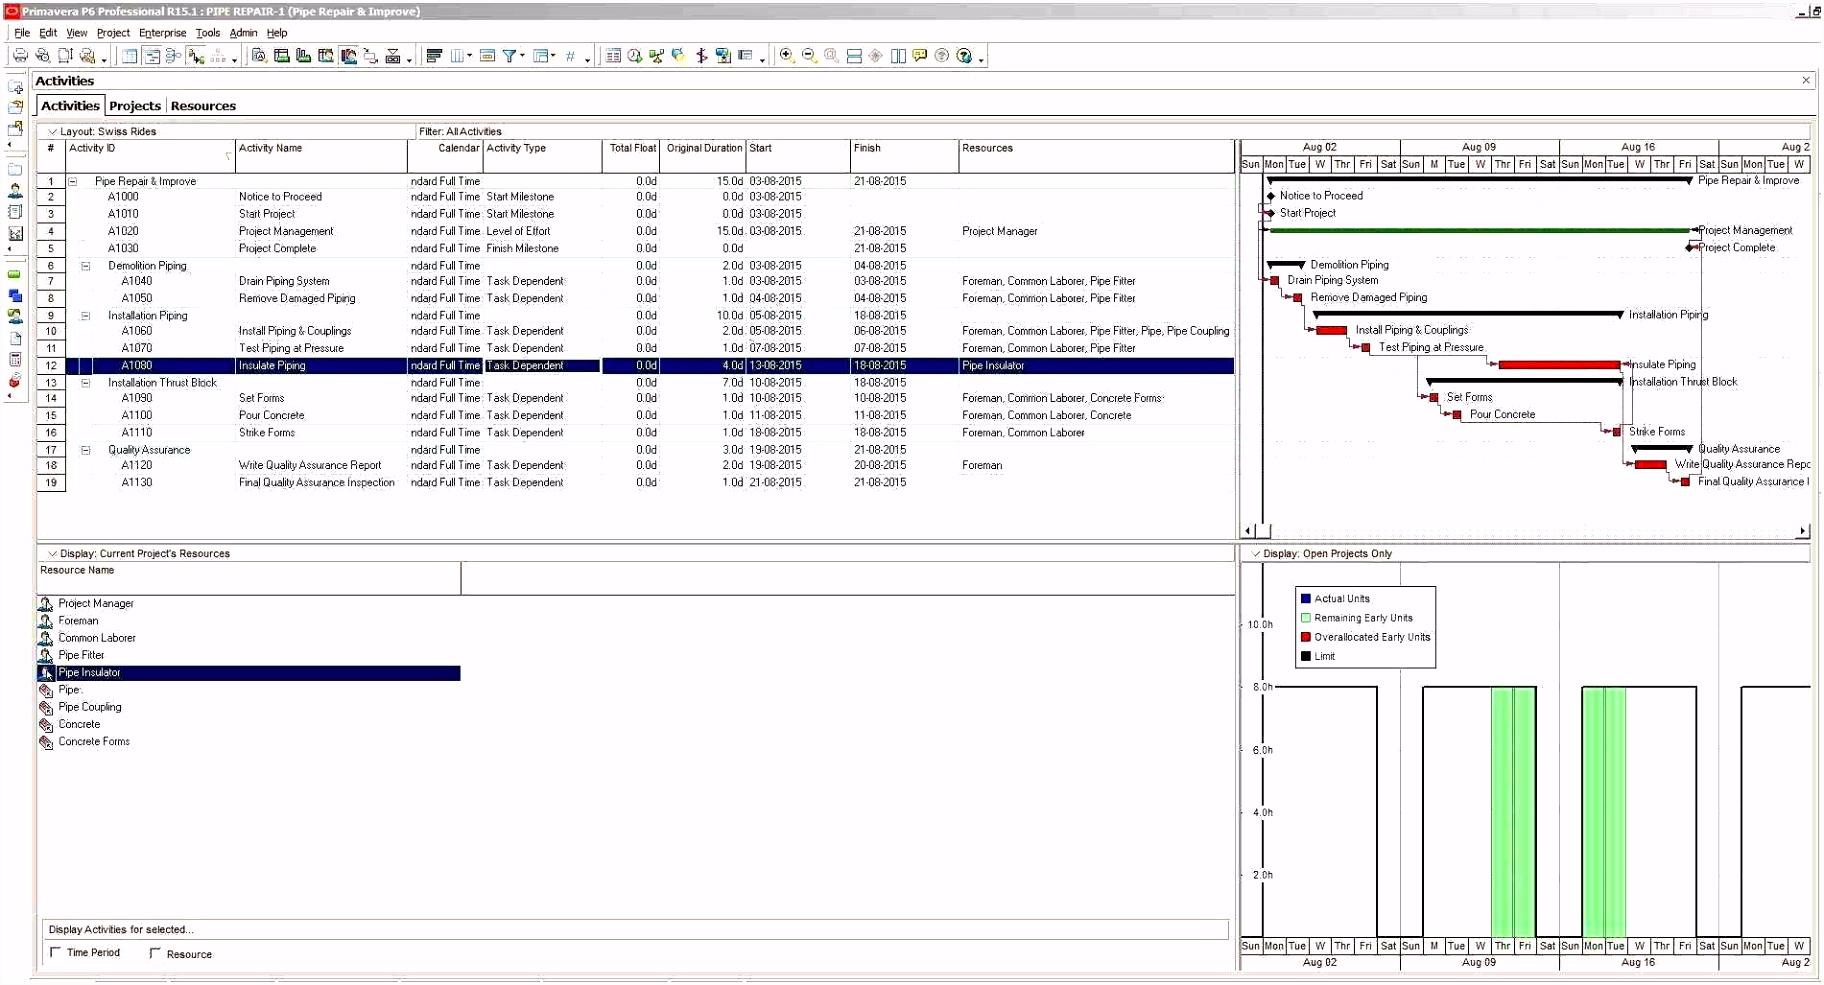 Vorlage Kassenbuch Excel Kostenlos Excel Vorlagen Kassenbuch Dann T Konten Vorlage Beispiele Für Bilder V2qc10ttw0 B6jkv6etrv